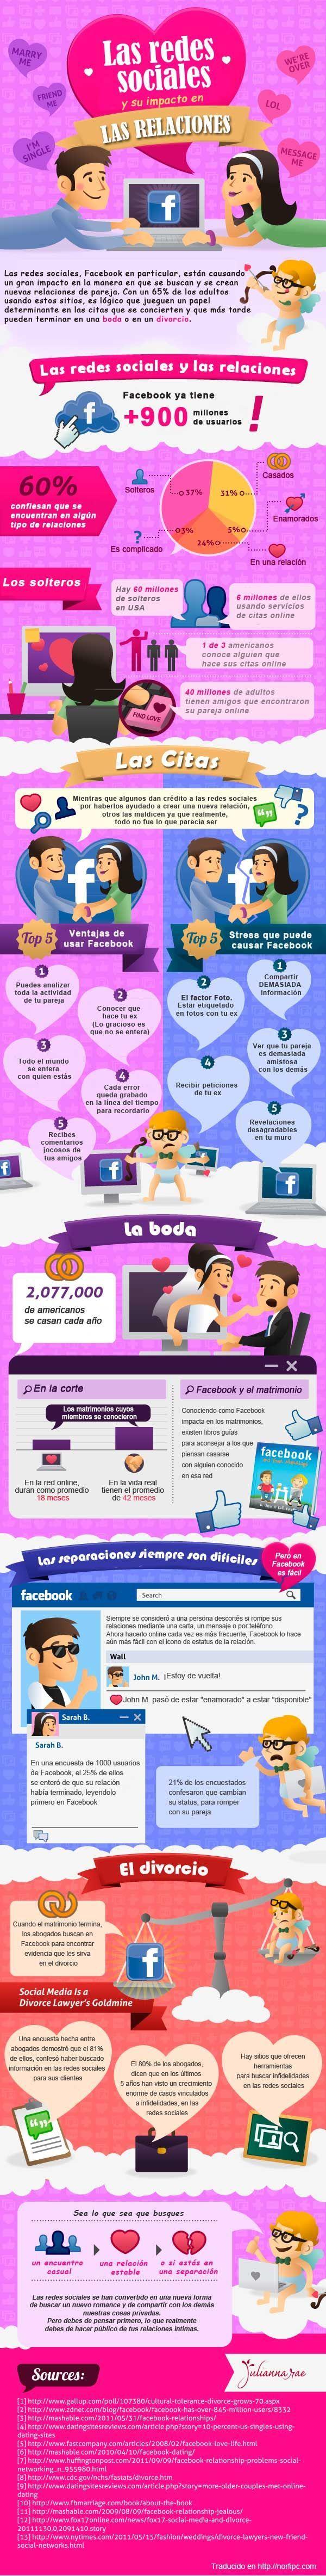 Infografía: Las redes sociales y su impacto en las relaciones